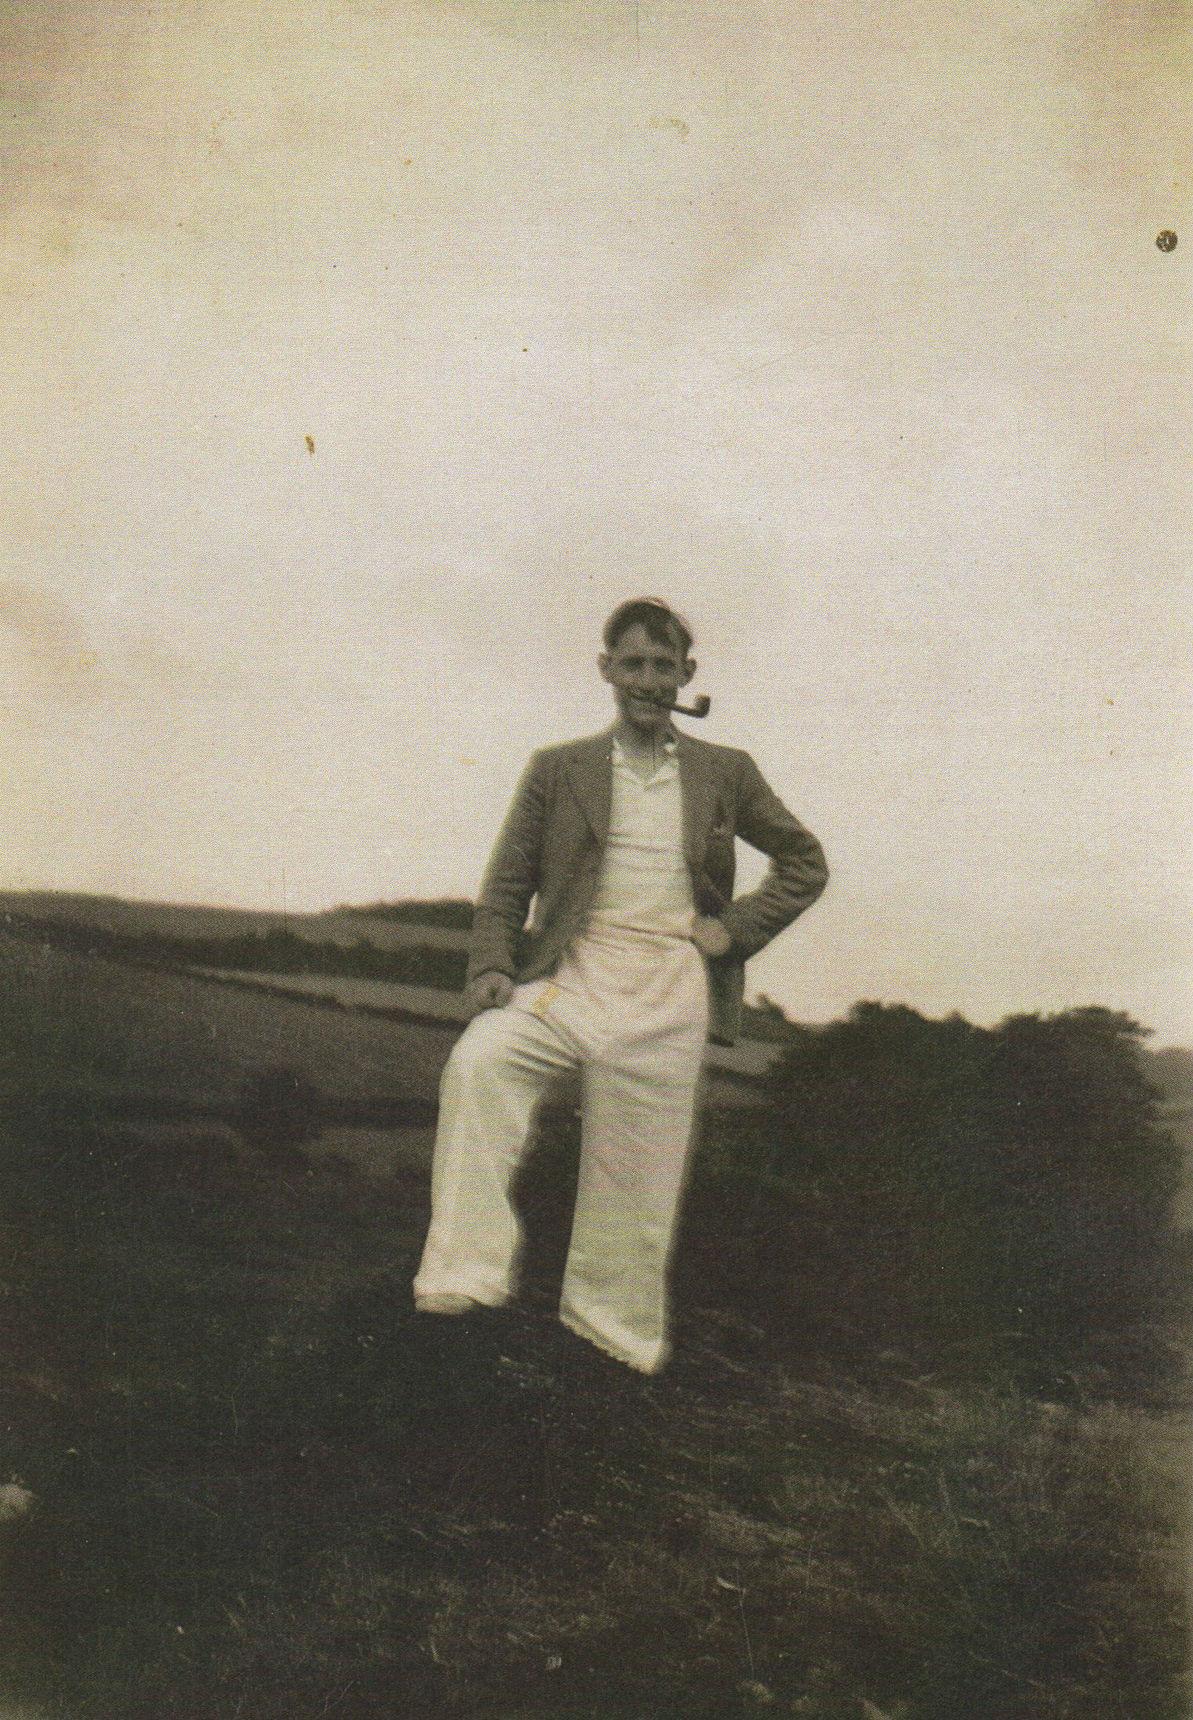 My Dad G.C. Featherstonehaugh